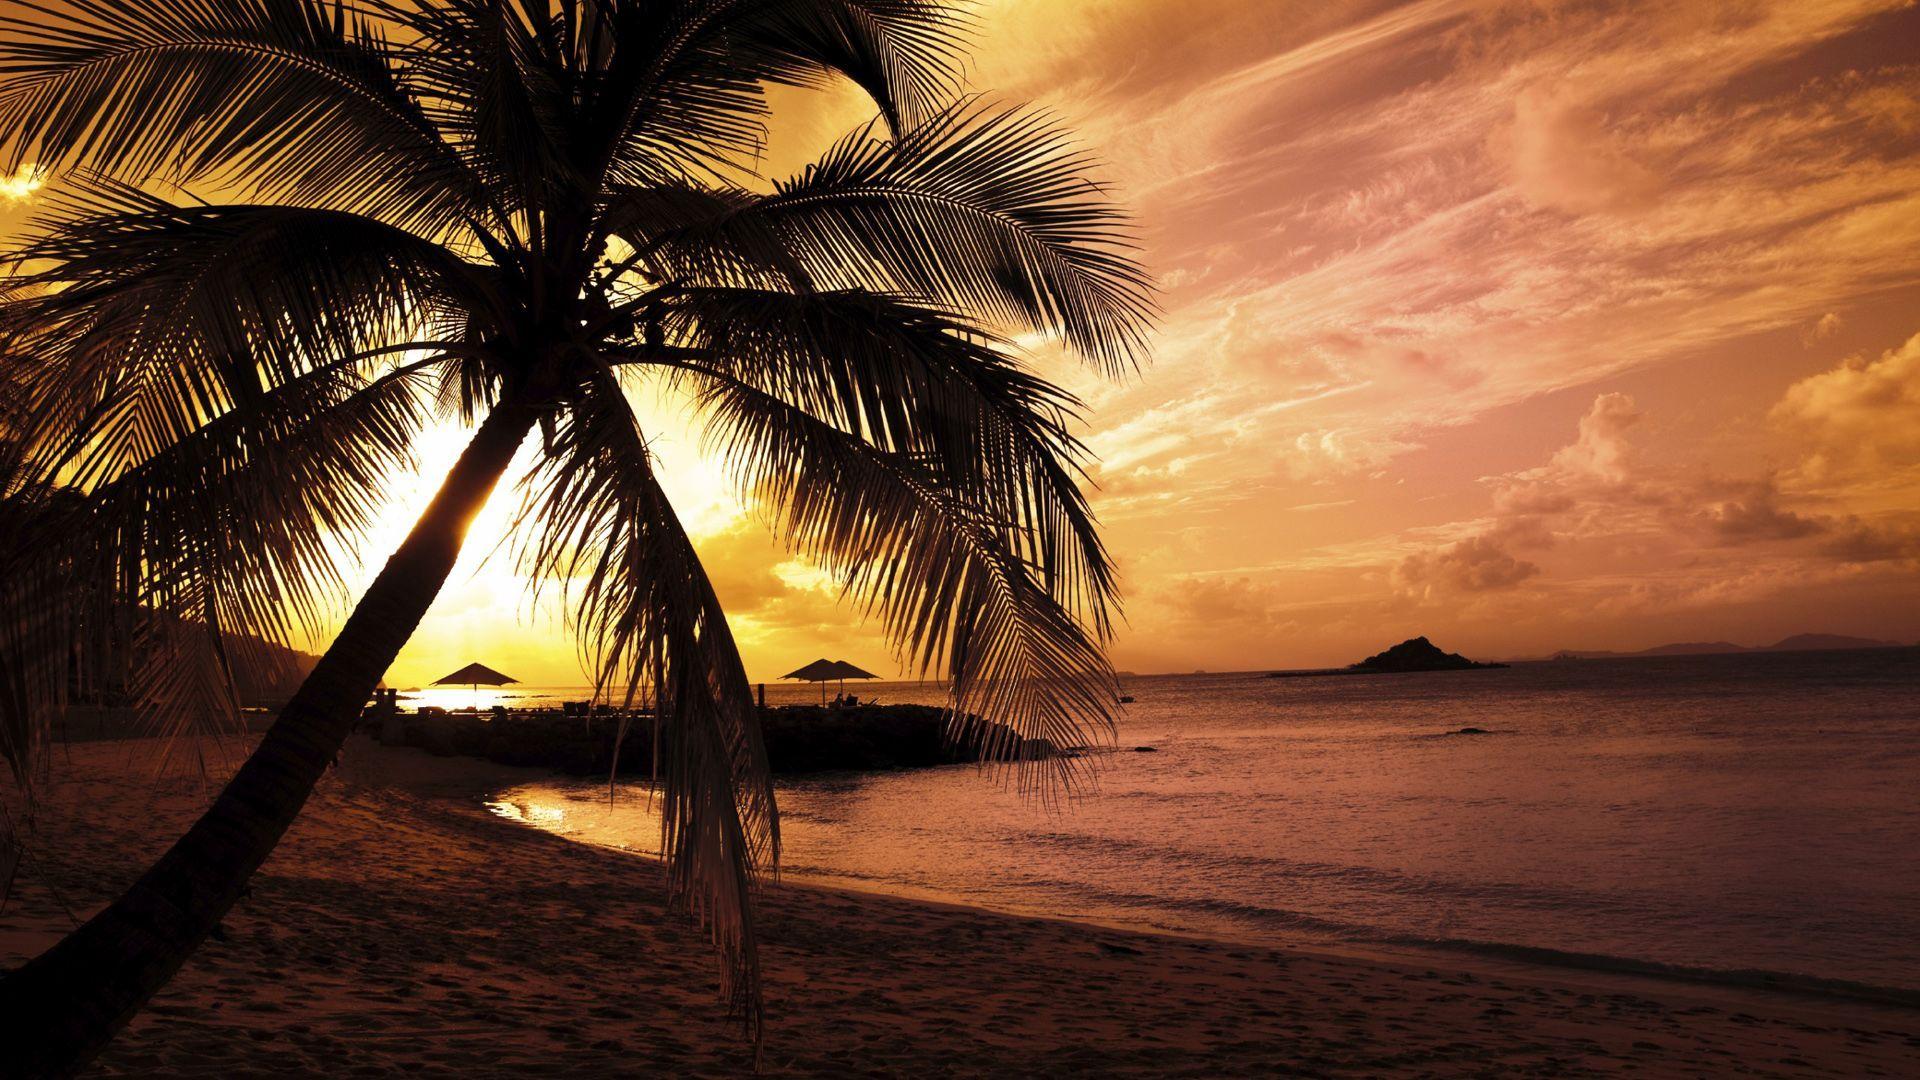 Night Beach Wallpaper Images A7o Beach Sunset Wallpaper Hawaii Beaches Beach Background